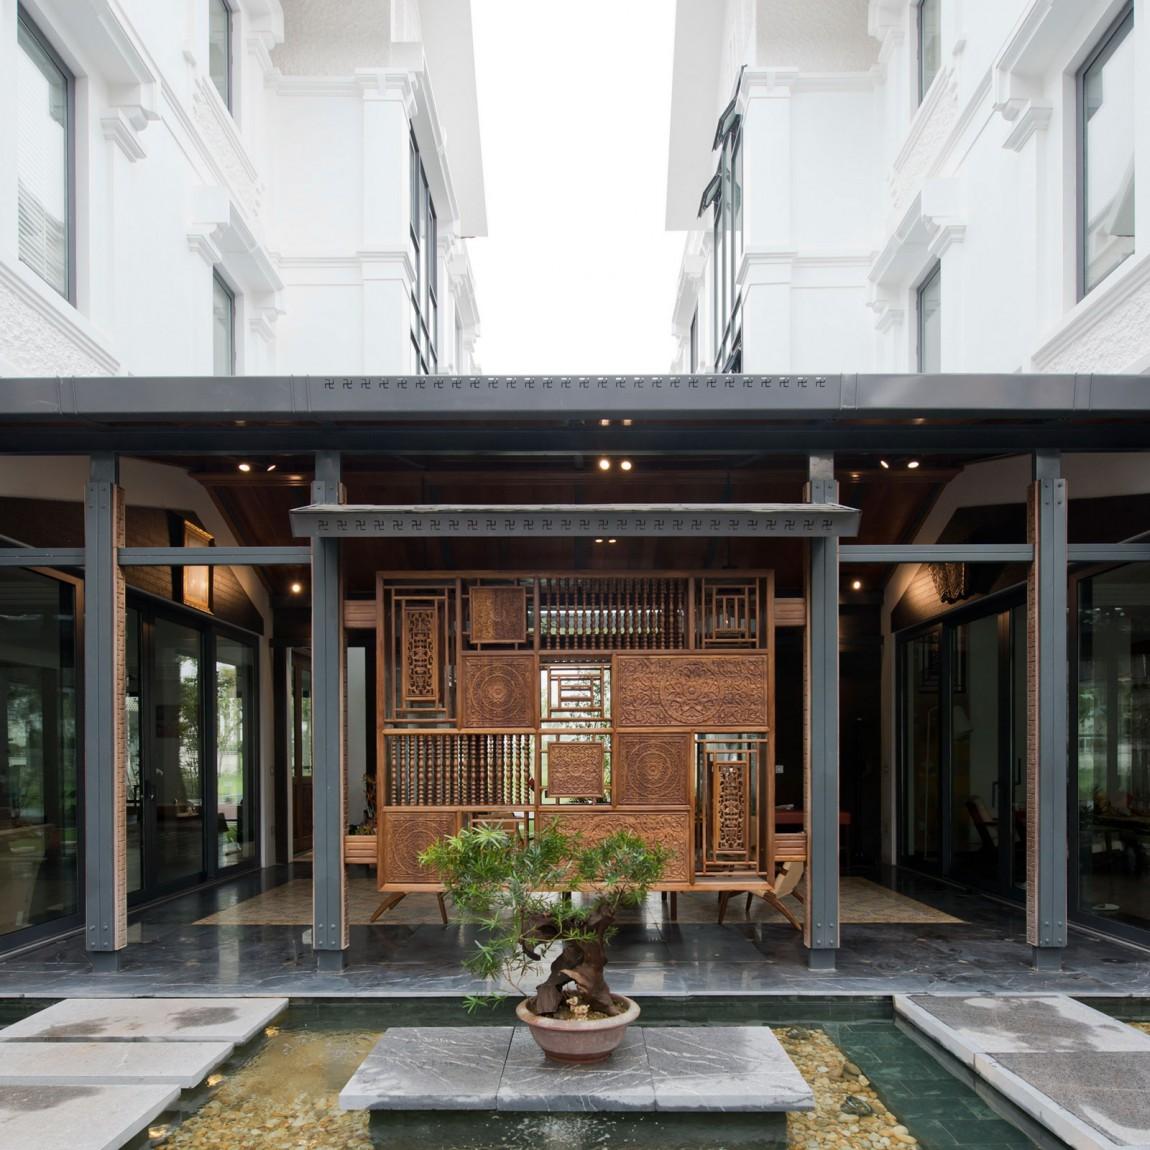 Nghỉ dưỡng ngay tại căn biệt thự đẹp như một khu resort giữa lòng Hà Nội